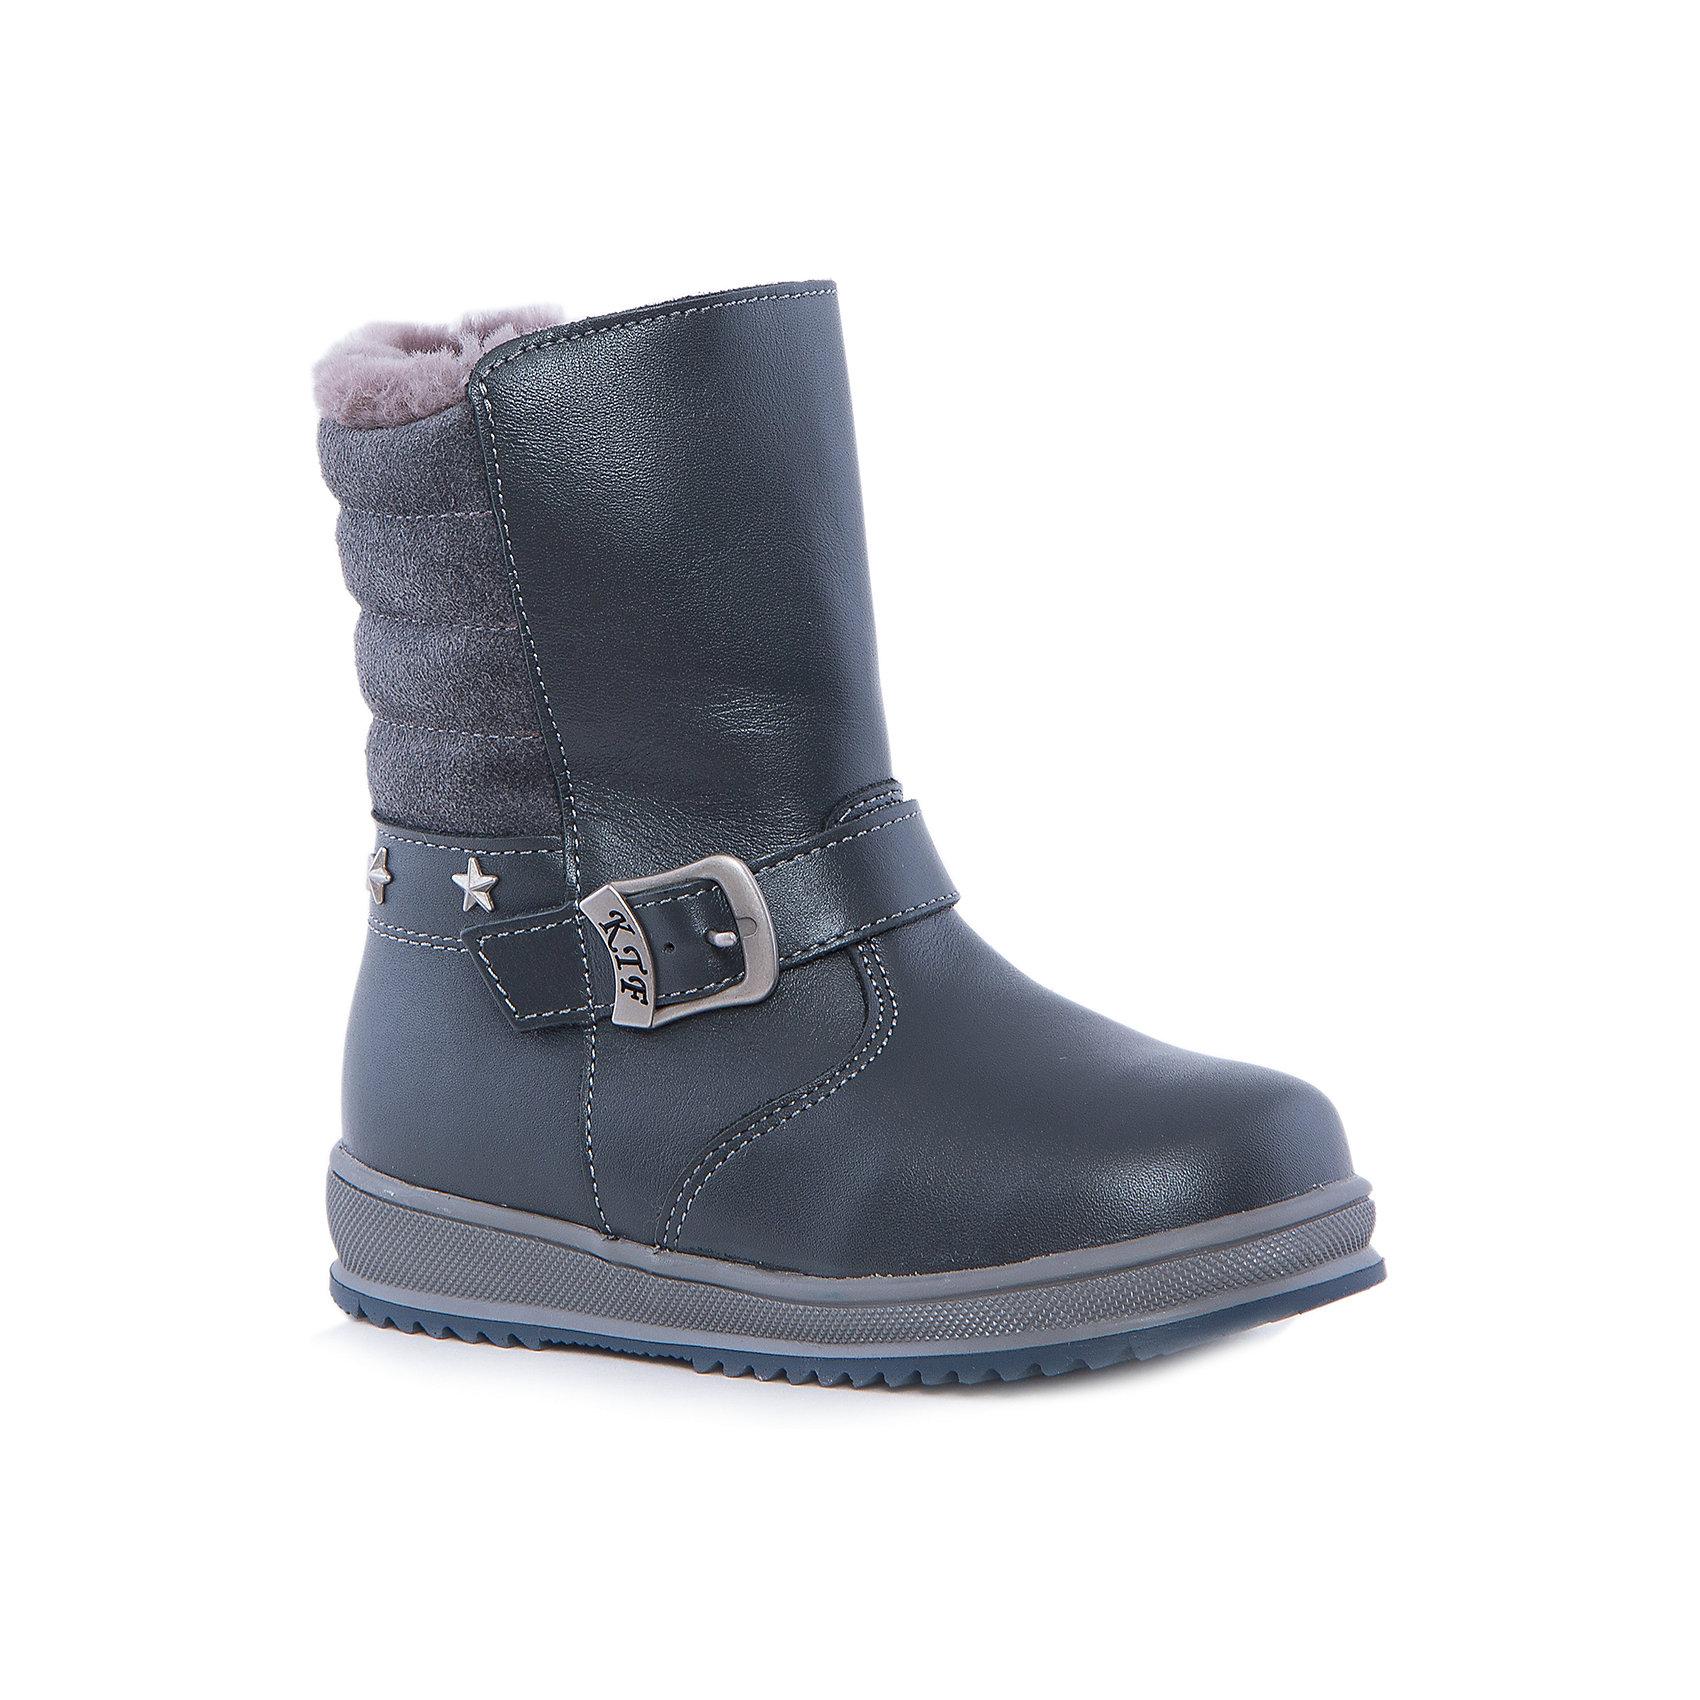 Сапоги для мальчика КотофейКотофей – качественная и стильная детская обувь по доступным ценам. С каждым днем популярность бренда растет.  Сапожки – универсальная обувь для холодов, как для мальчиков, так и для девочек. Новая модель – сочетание проверенной классической формы сапог и модных деталей в виде пряжки и пошива. Кожа и замша вместе создают стильный образ сапог. Натуральные материалы отвечают всем требованиям по безопасности.<br><br>Дополнительная информация:<br><br>цвет: серый;<br>вид крепления: на клею;<br>застежка: молния;<br>температурный режим: от -15 °С до +5° С.<br><br>Состав:<br>материал верха – кожа;<br>материал подклада – натуральная овчина;<br>подошва – ТЭП.<br><br>Зимние сапожки из натуральной кожи для мальчика дошкольного возраста от фирмы Котофей можно купить в нашем магазине.<br><br>Ширина мм: 257<br>Глубина мм: 180<br>Высота мм: 130<br>Вес г: 420<br>Цвет: серый<br>Возраст от месяцев: 36<br>Возраст до месяцев: 48<br>Пол: Мужской<br>Возраст: Детский<br>Размер: 27,31,30,29,28<br>SKU: 4982202